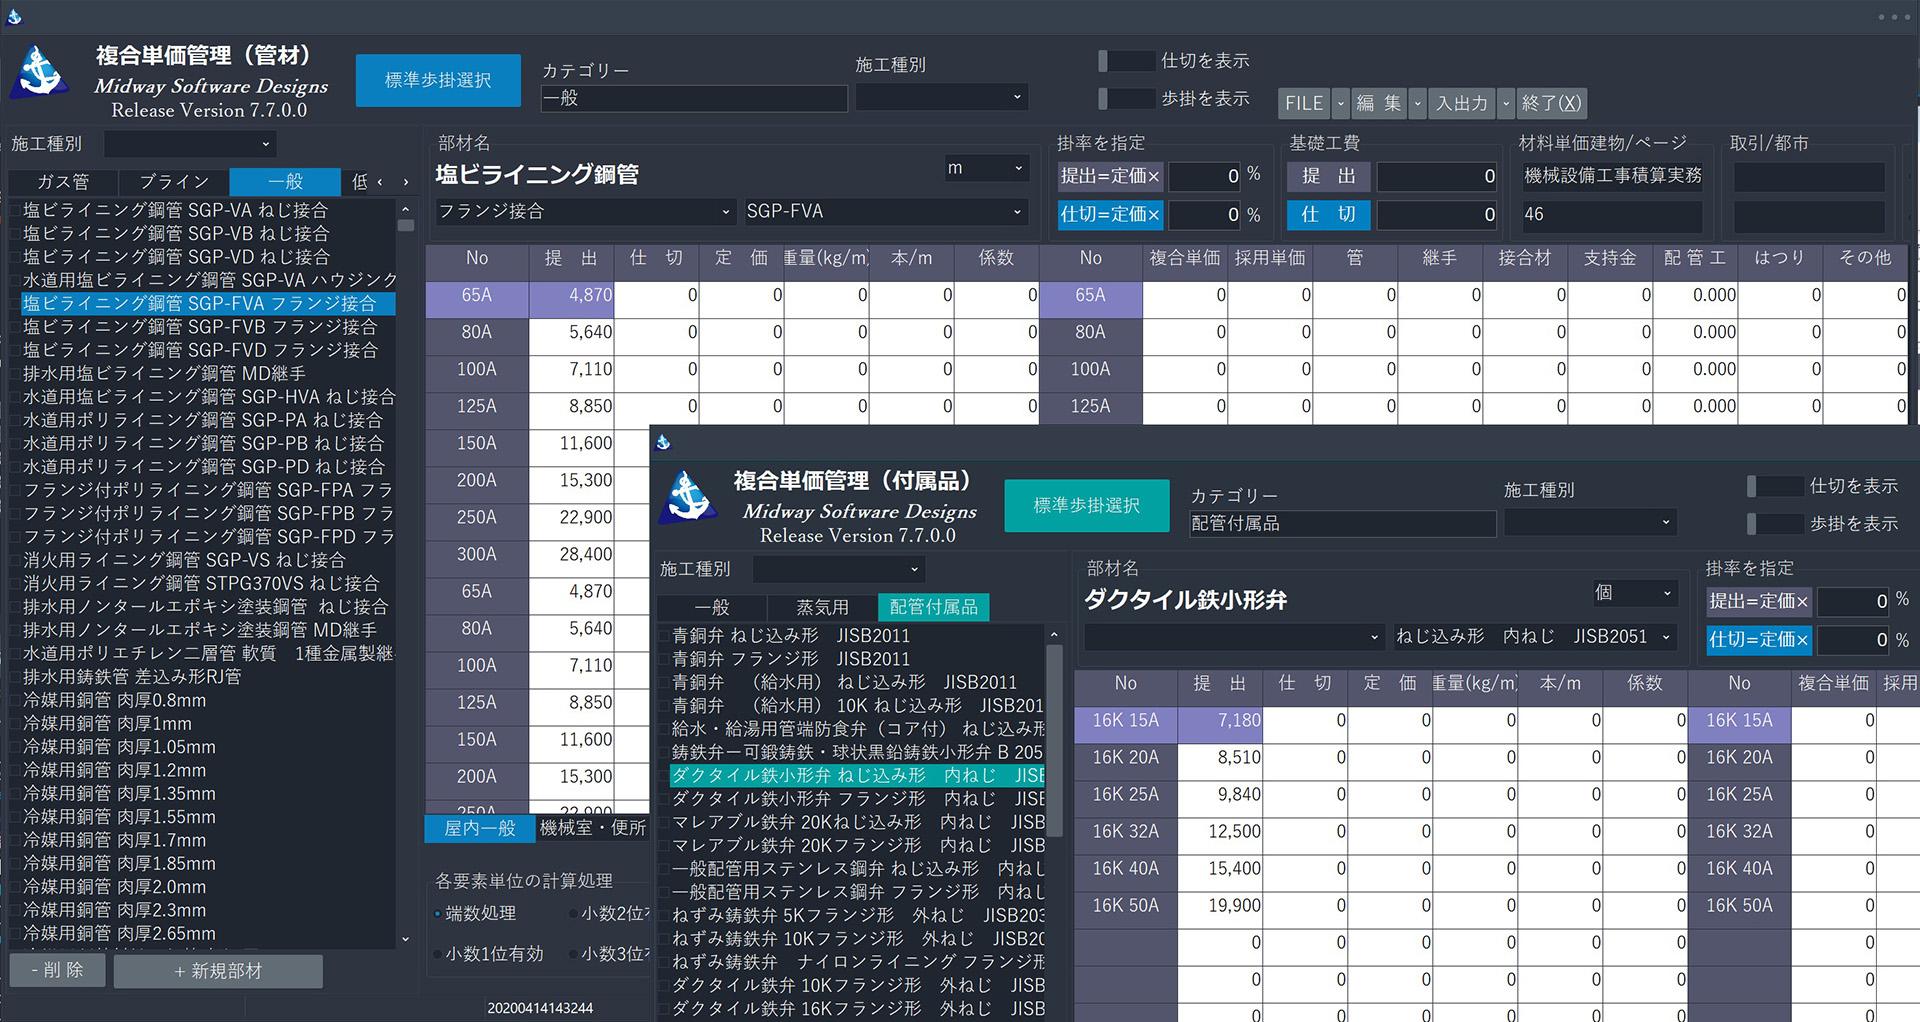 複合単価管理ソフト 配管付属品・器具版をバンドル